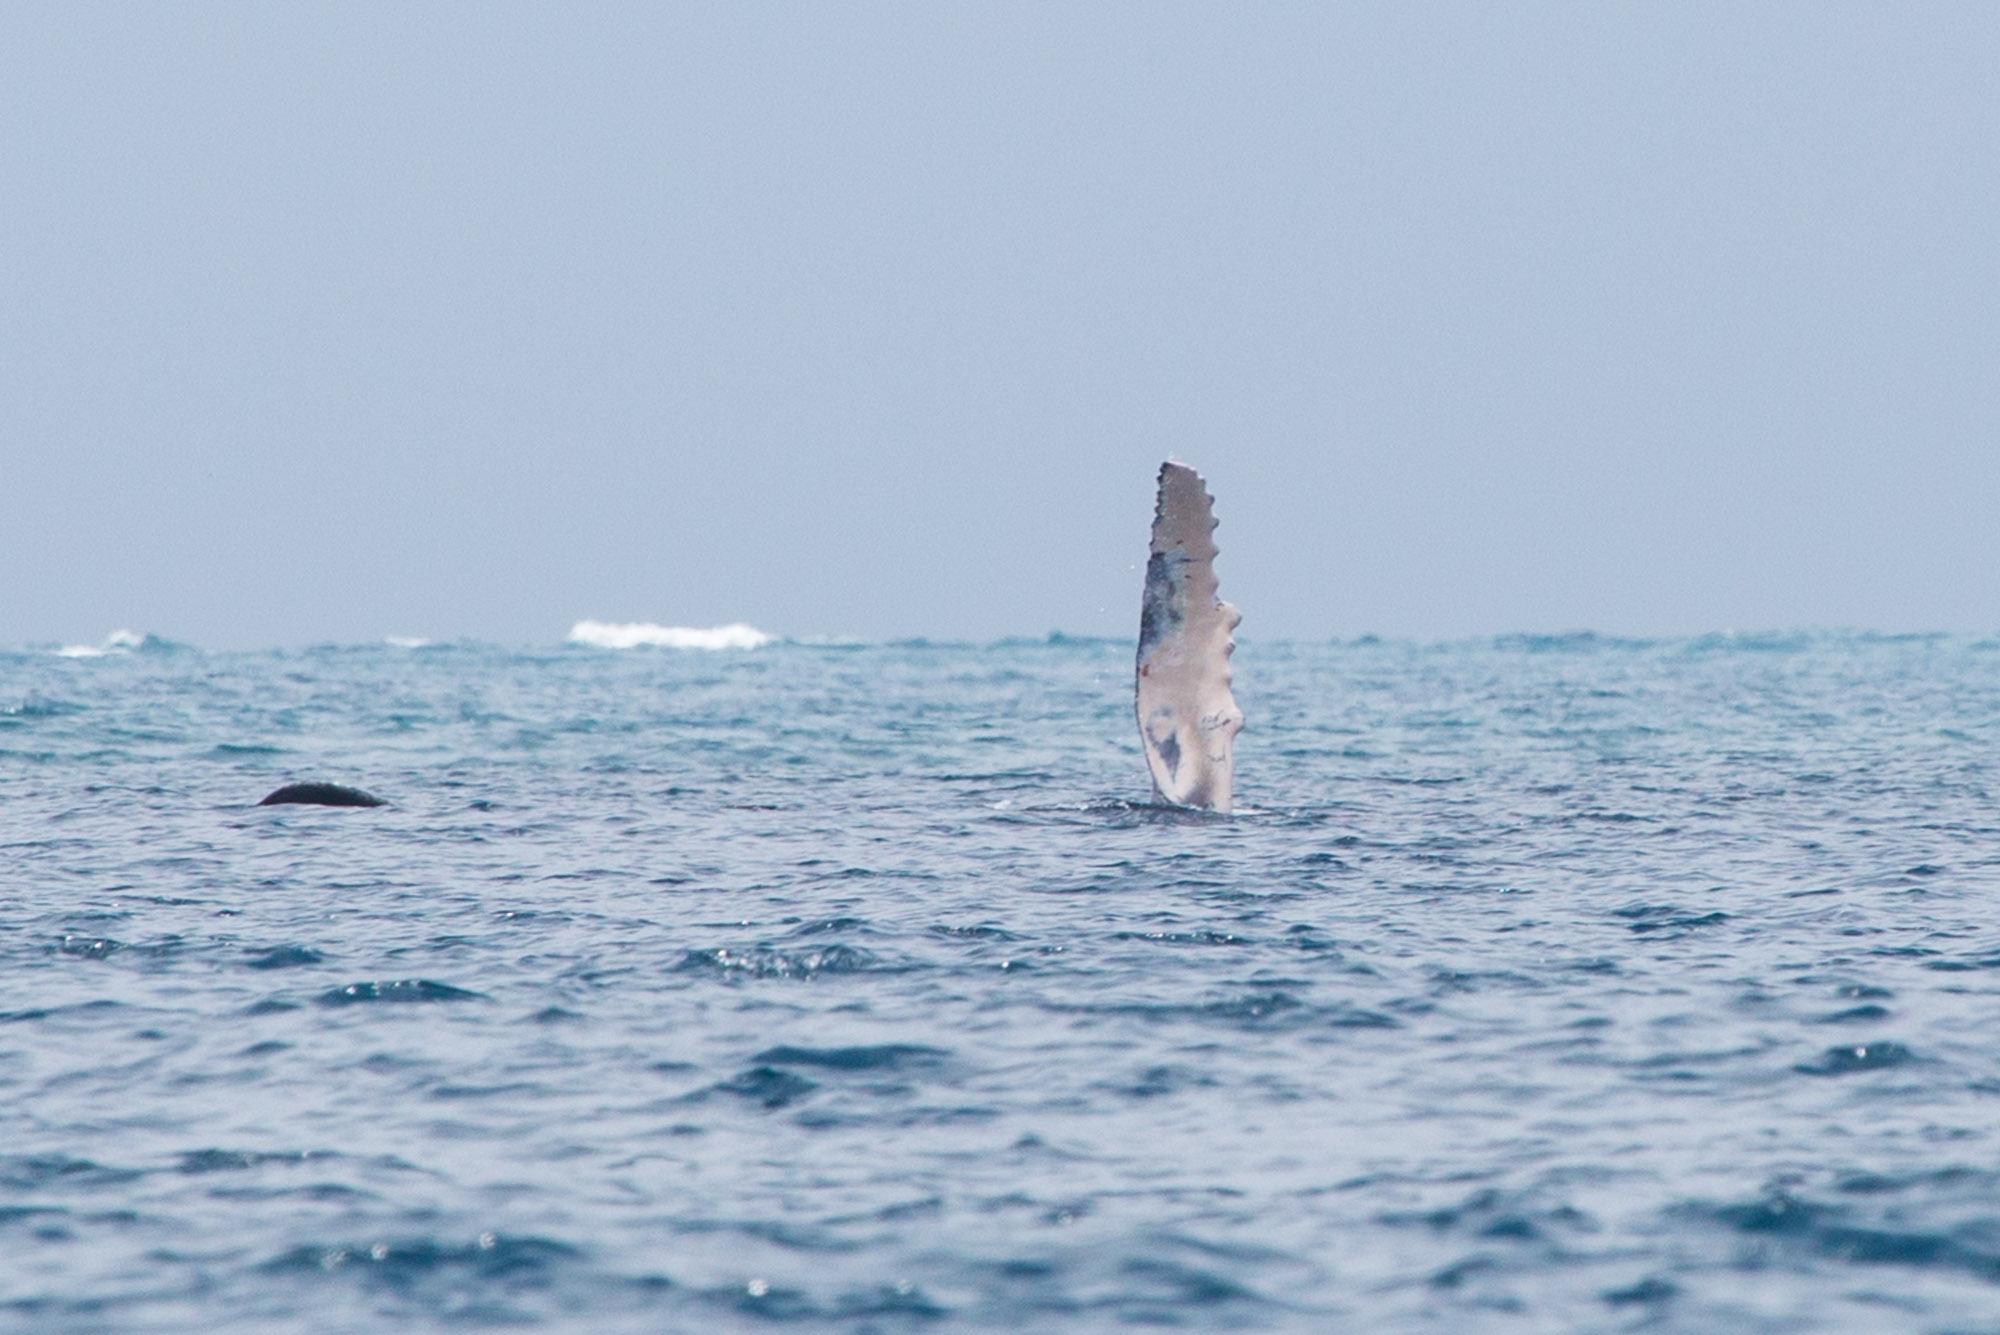 Aleta pectoral de ballena jorobada en el archipiélago de Las Perlas, Panamá